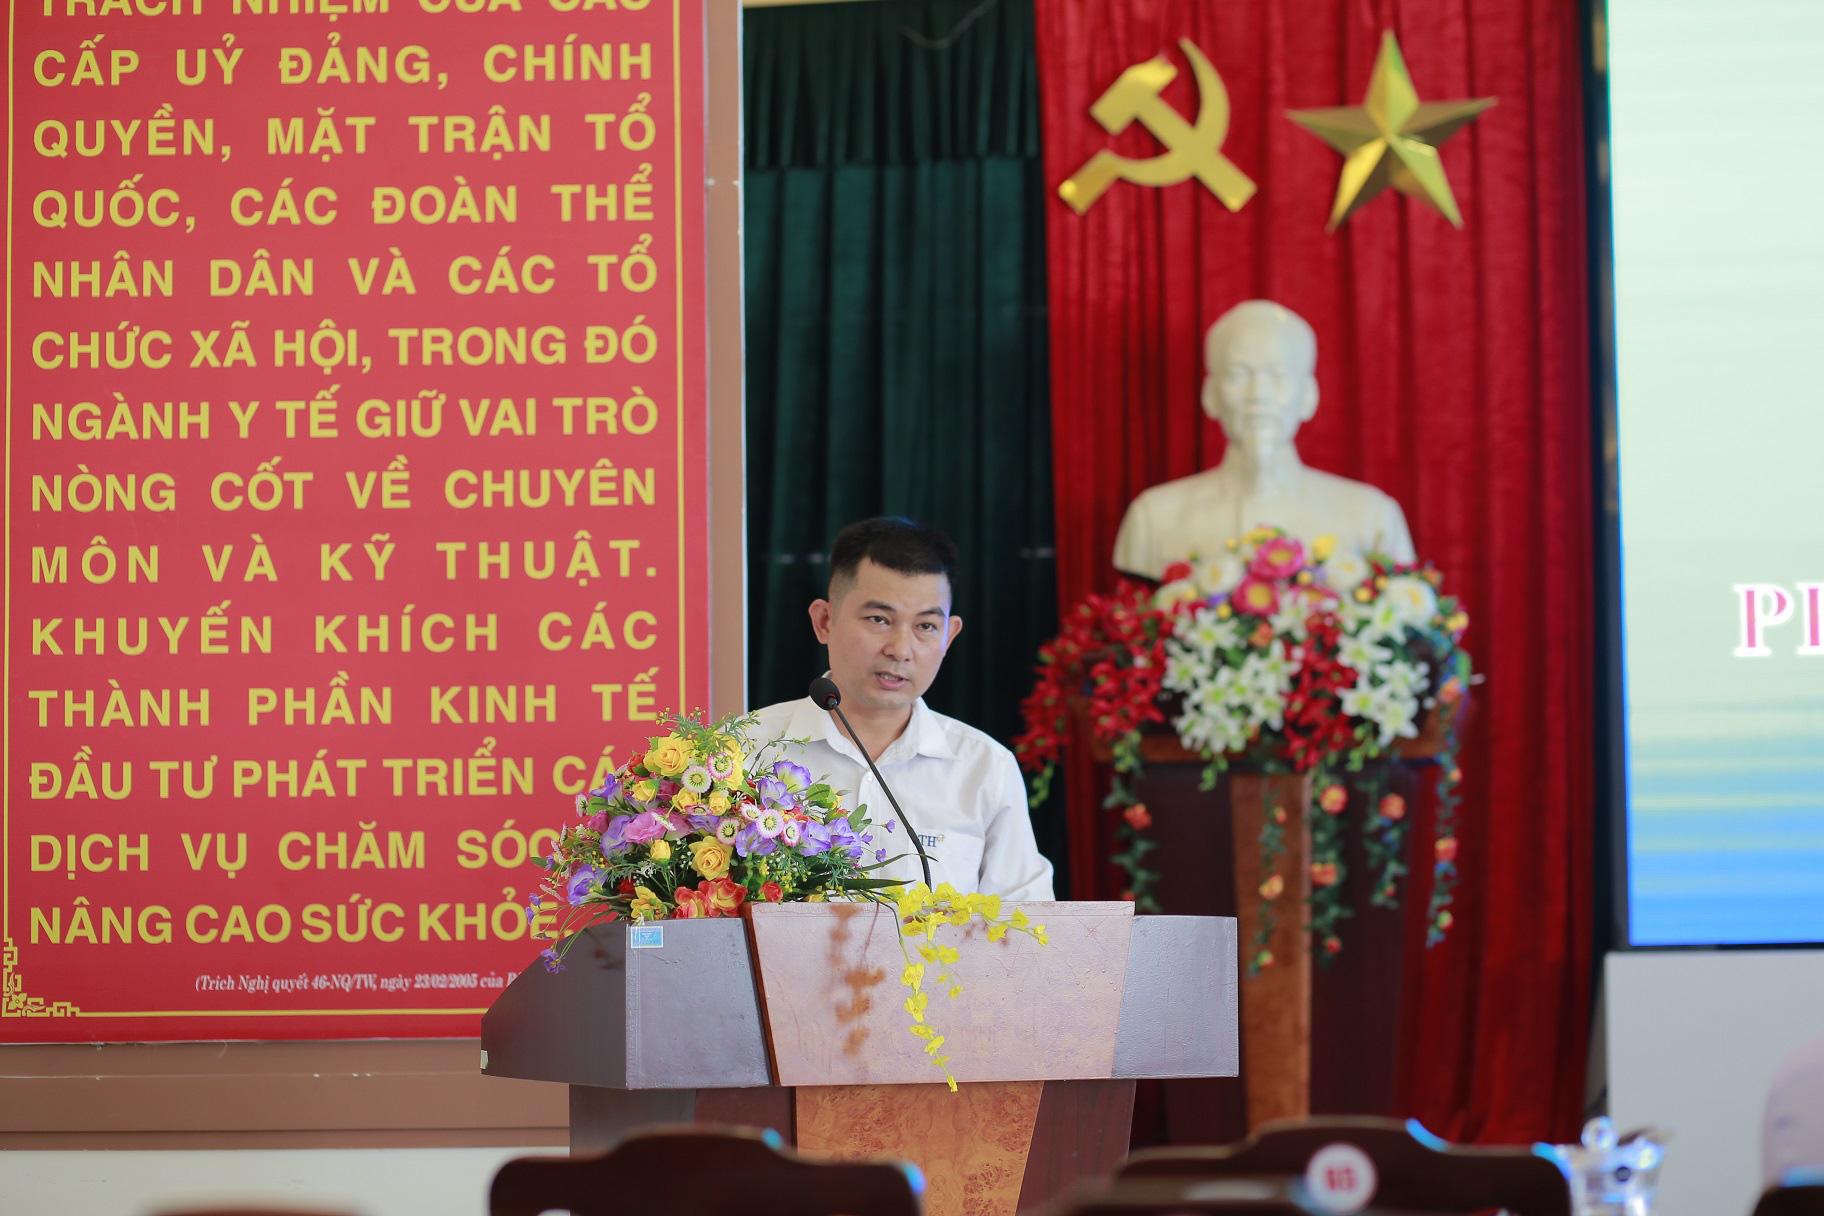 Tập đoàn TH trao 50.000 ly sữa tiếp sức cho phòng chống dịch Covid-19 tại Đà Nẵng, Quảng Nam - Ảnh 1.